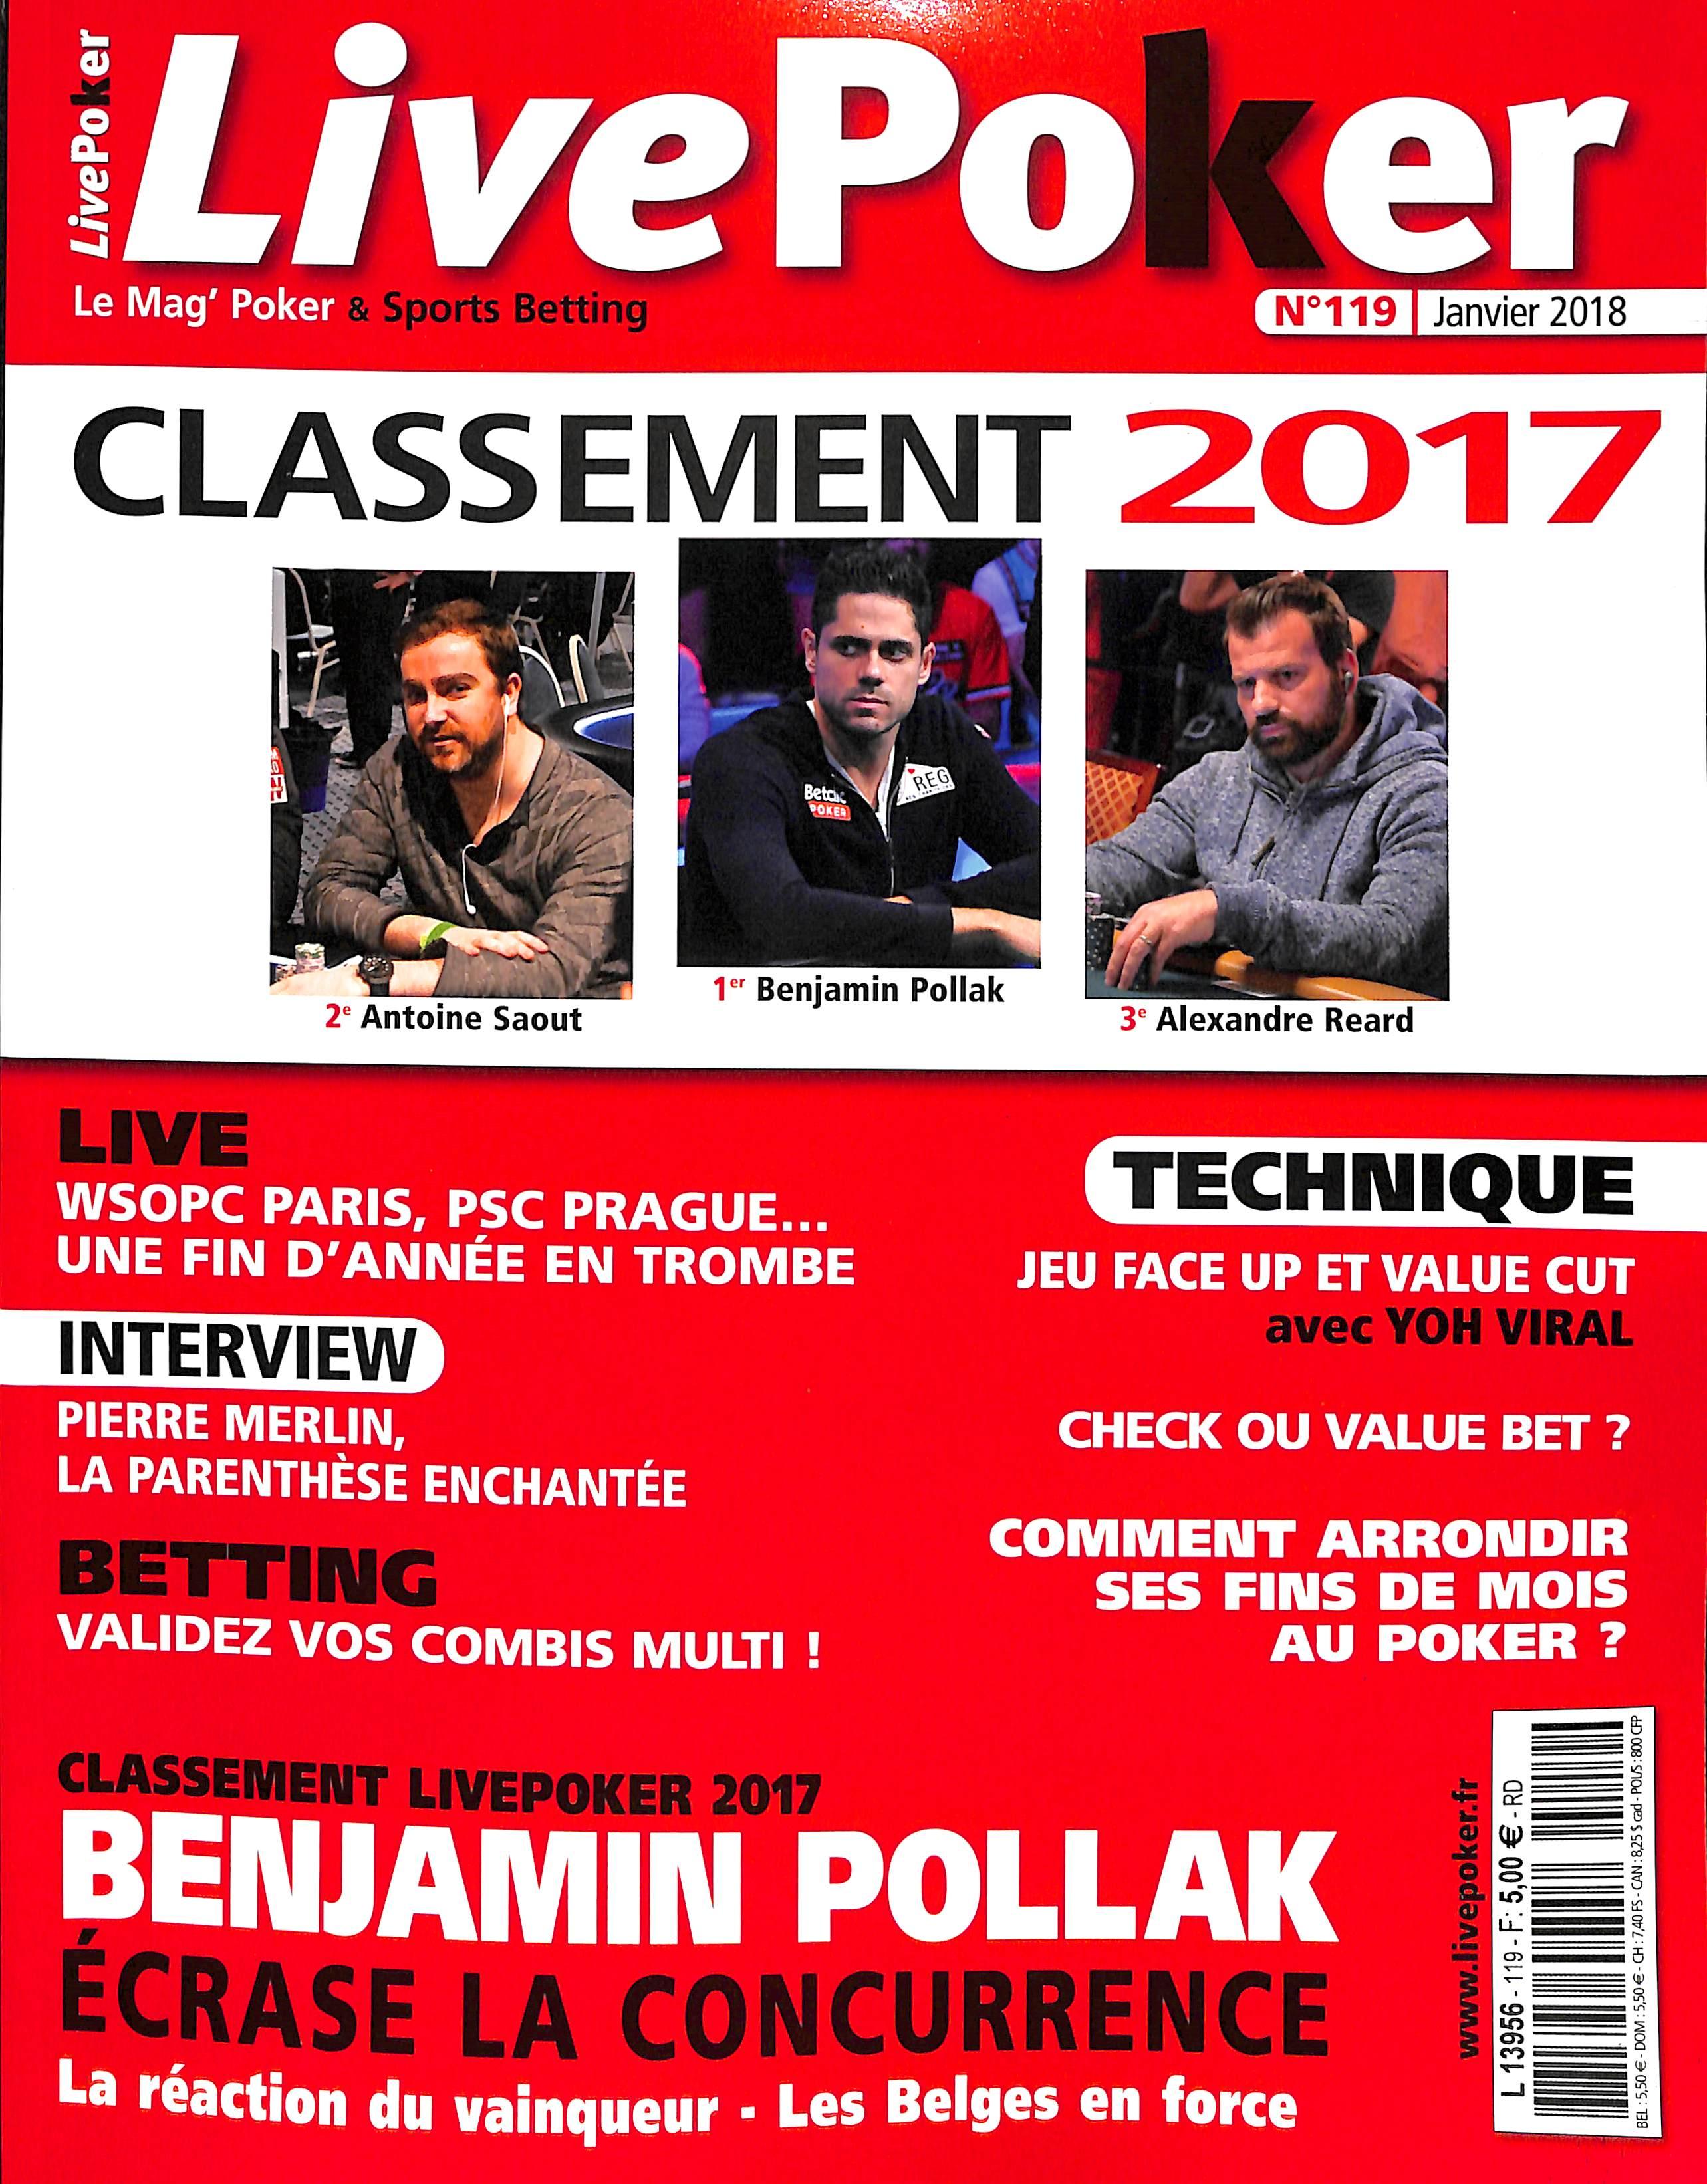 Live Poker N° 119 Décembre 2017